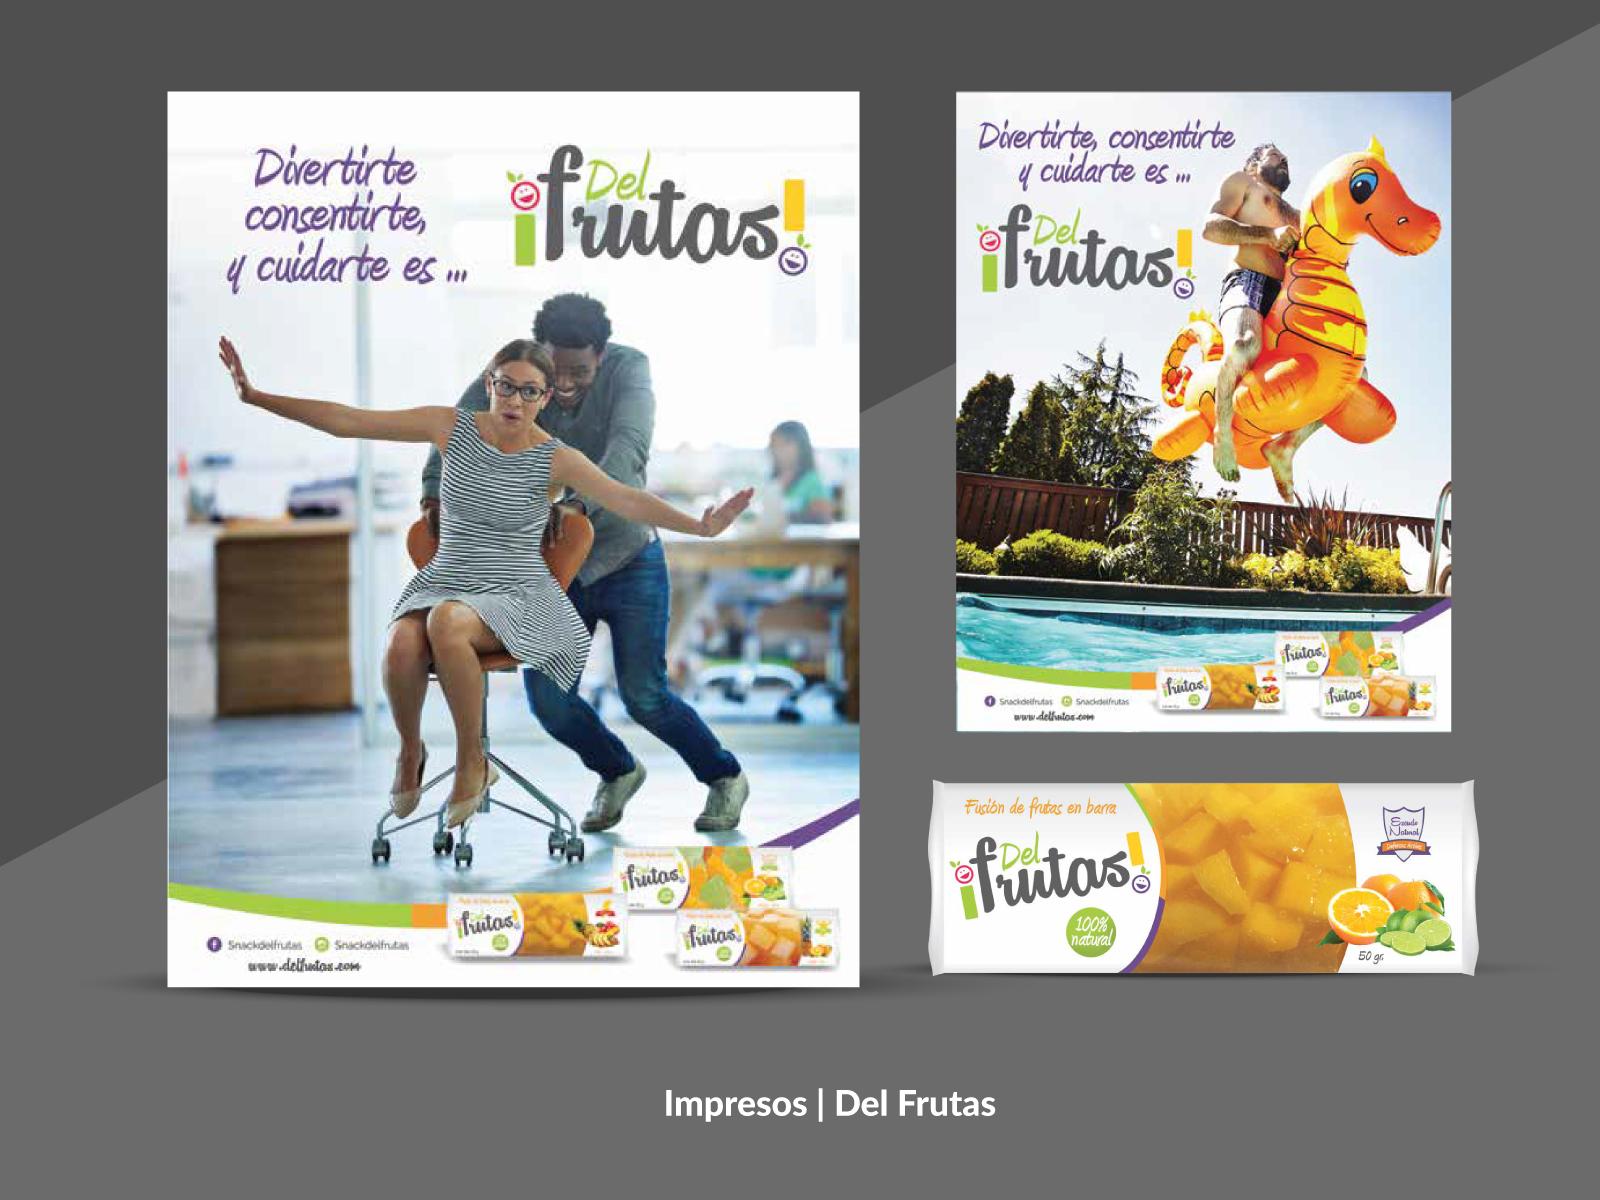 Del frutas